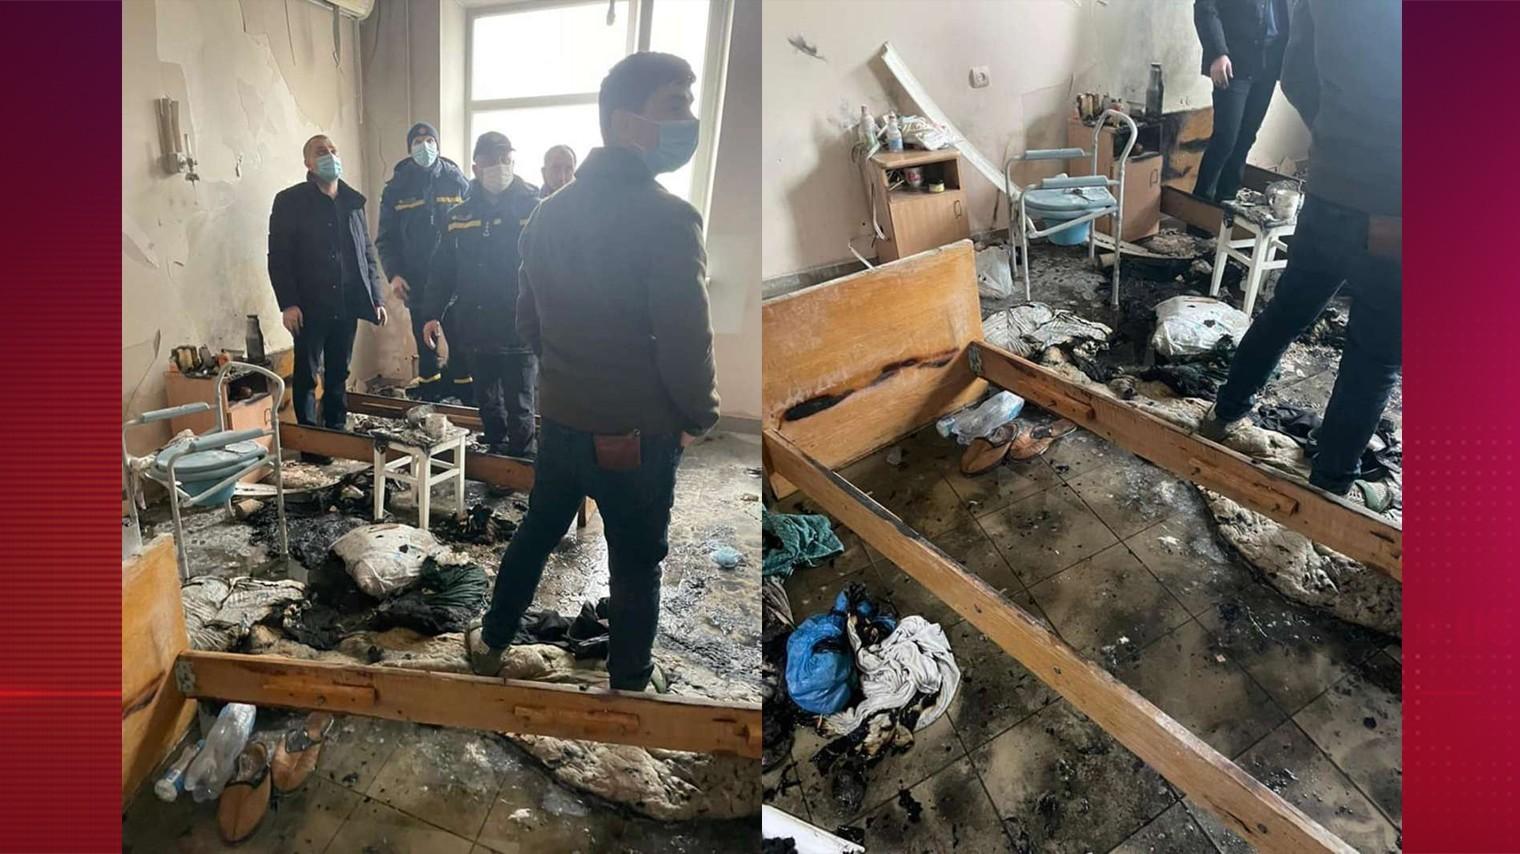 Фото из палаты украинской больницы, где прогремел взрыв